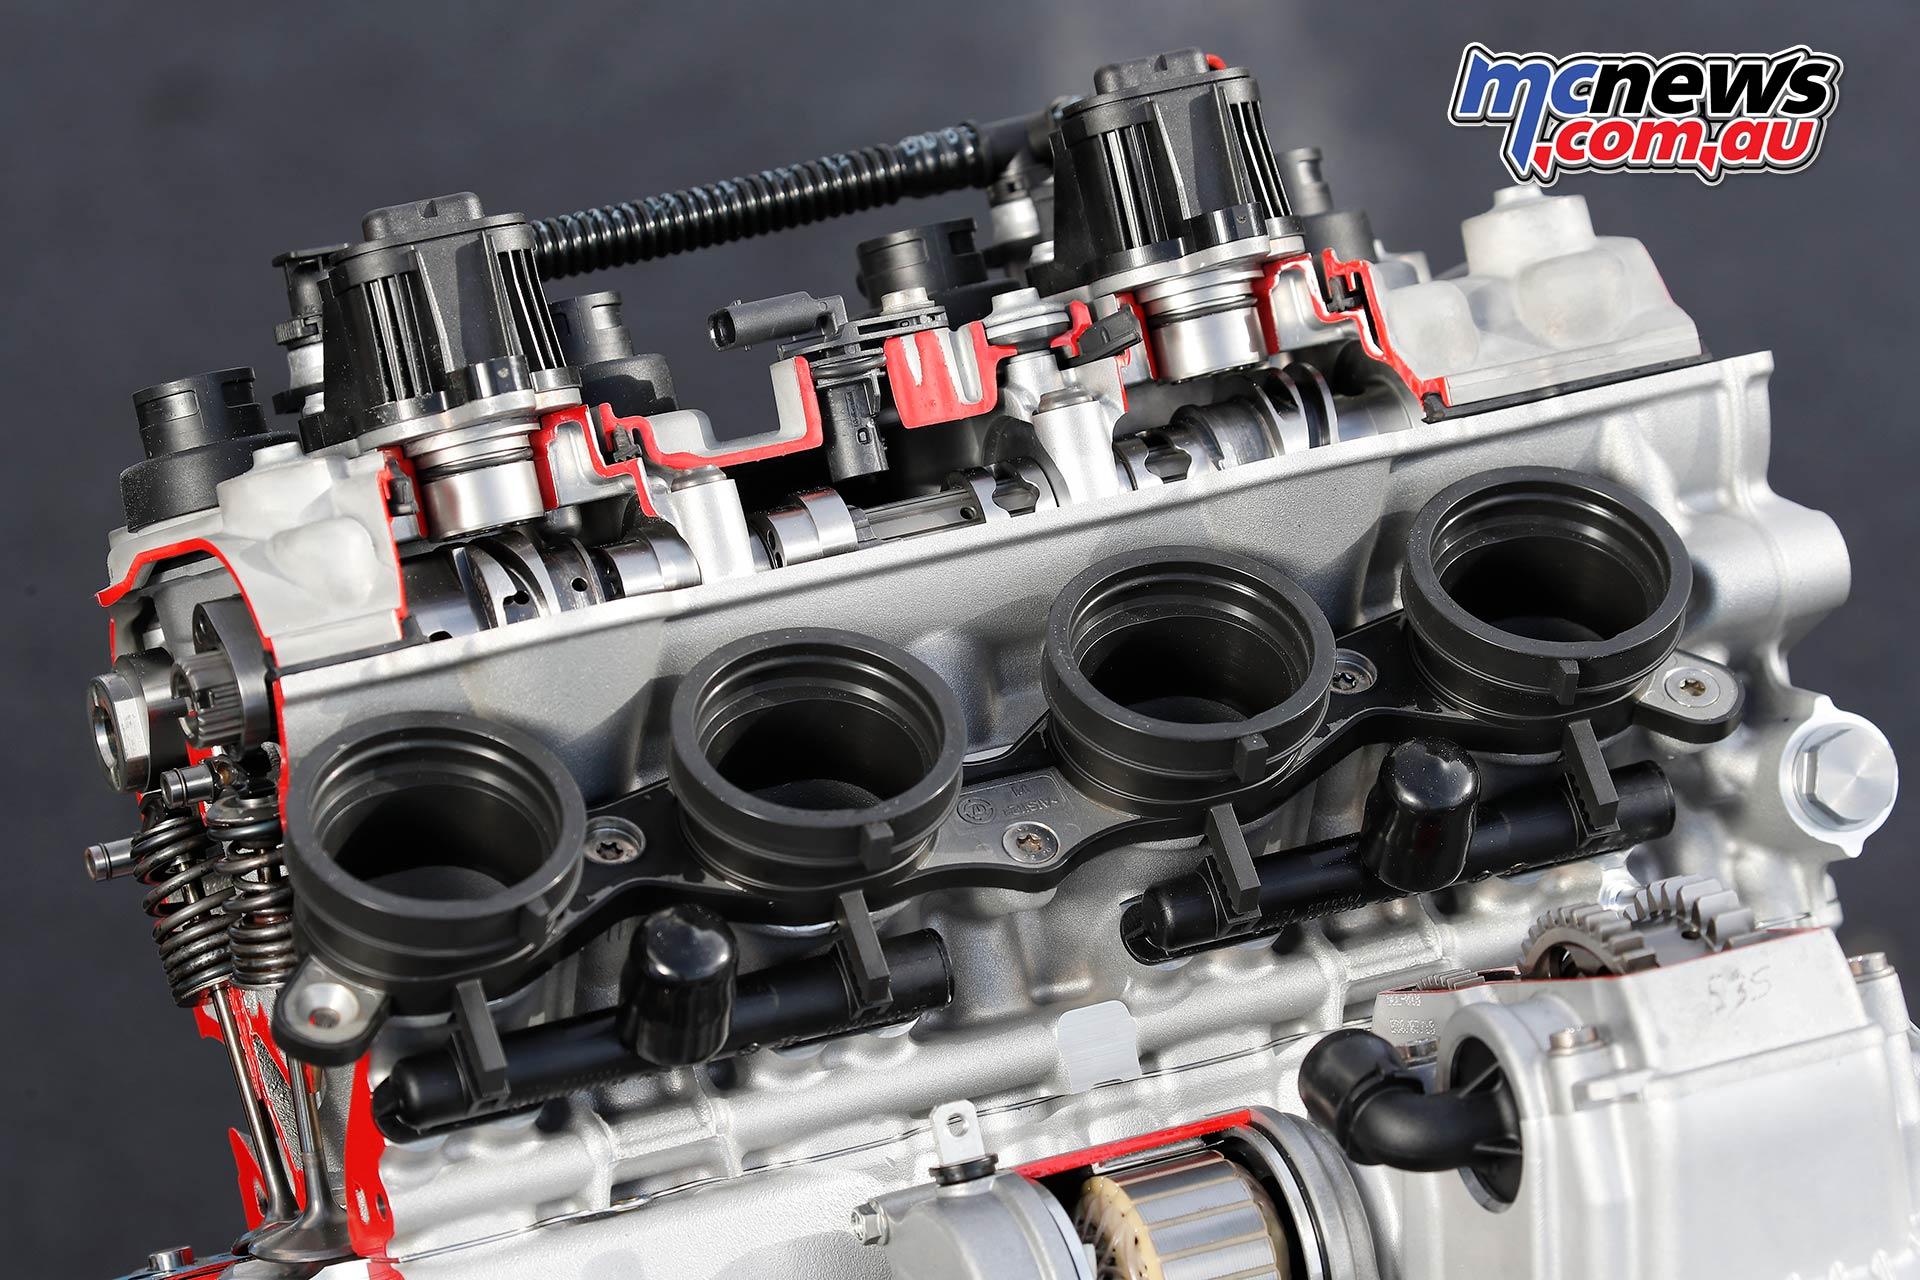 BMW SRR Engine Cutaway Details